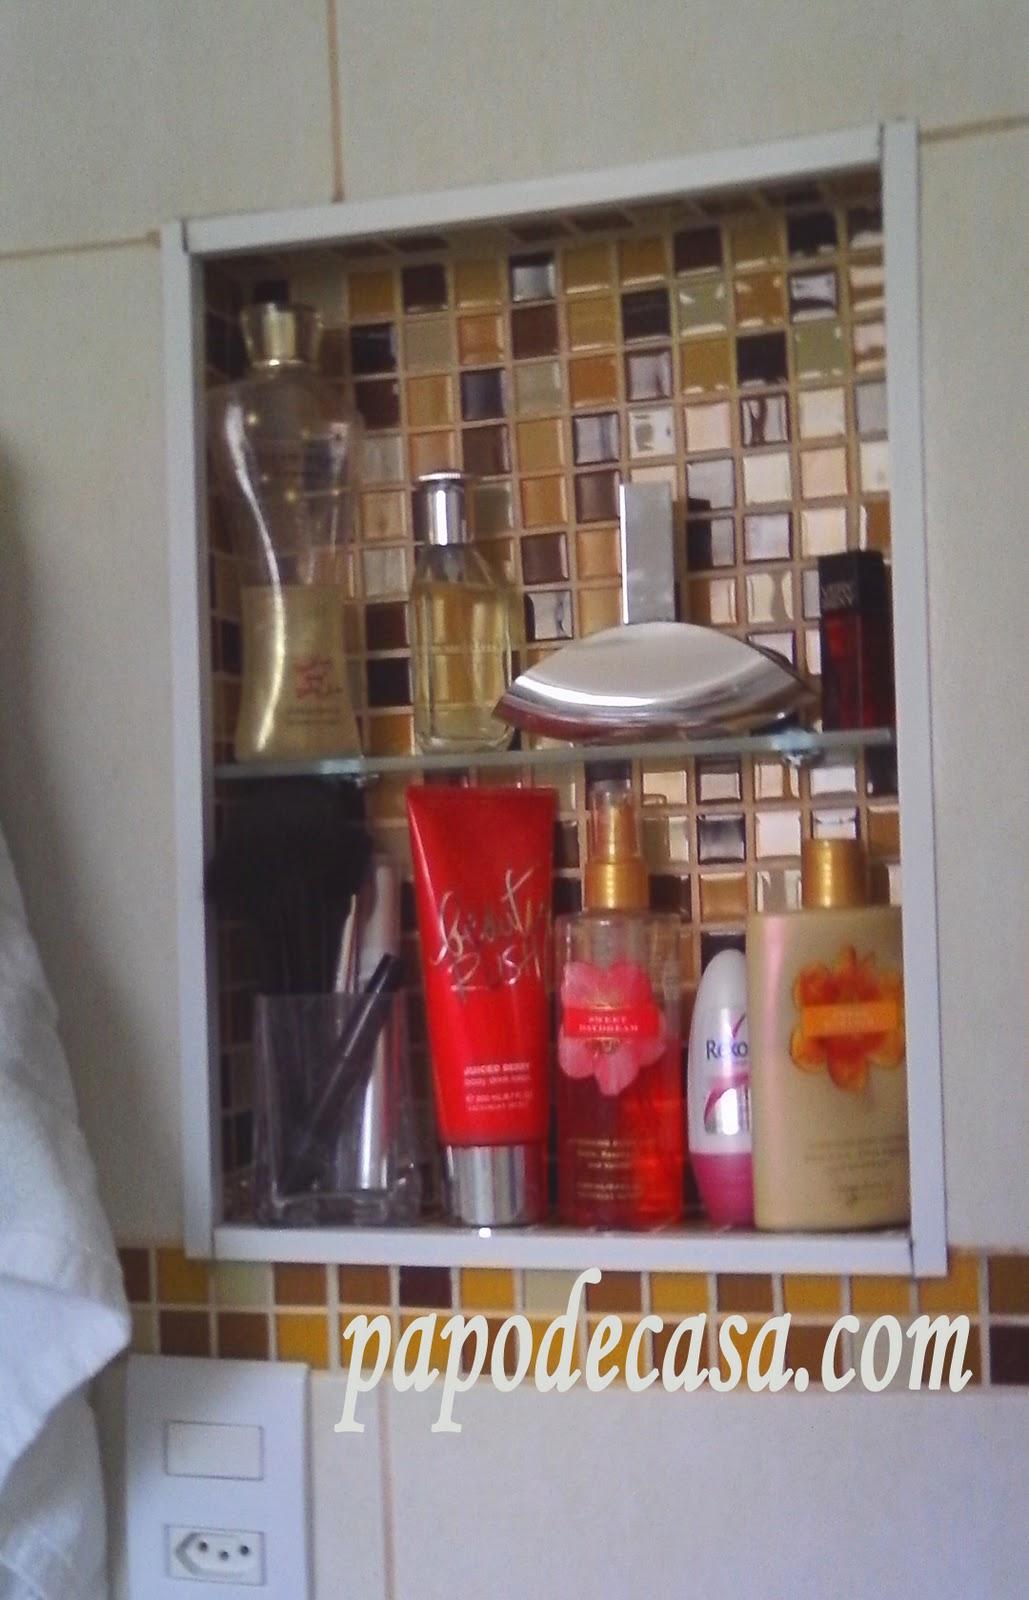 #AE1D24 Papo de Casa: Nichos de pastilha no banheiro 1029x1600 px Banheiro Nicho Pastilhas 2731